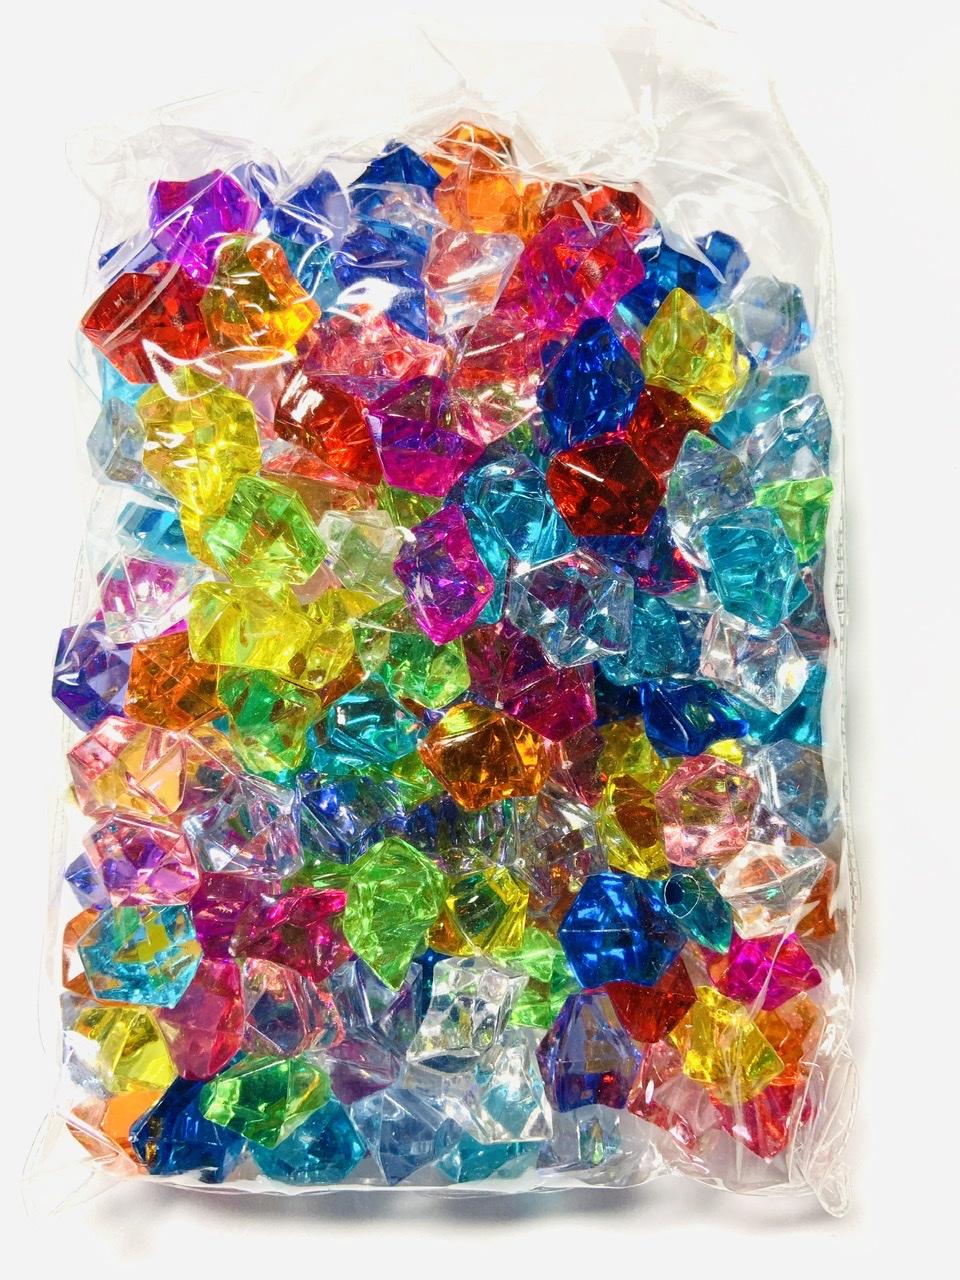 アイスキューブ500g約200個/宝石すくい